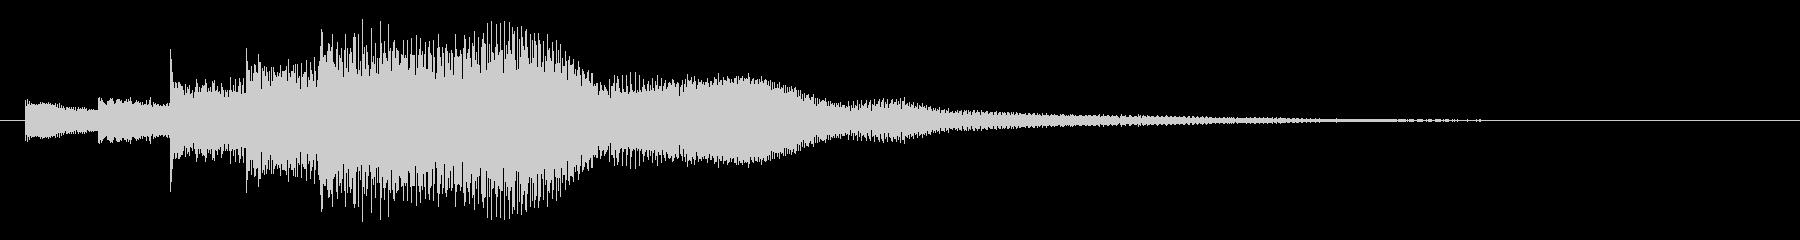 キラリーン(明るいベルの音)の未再生の波形